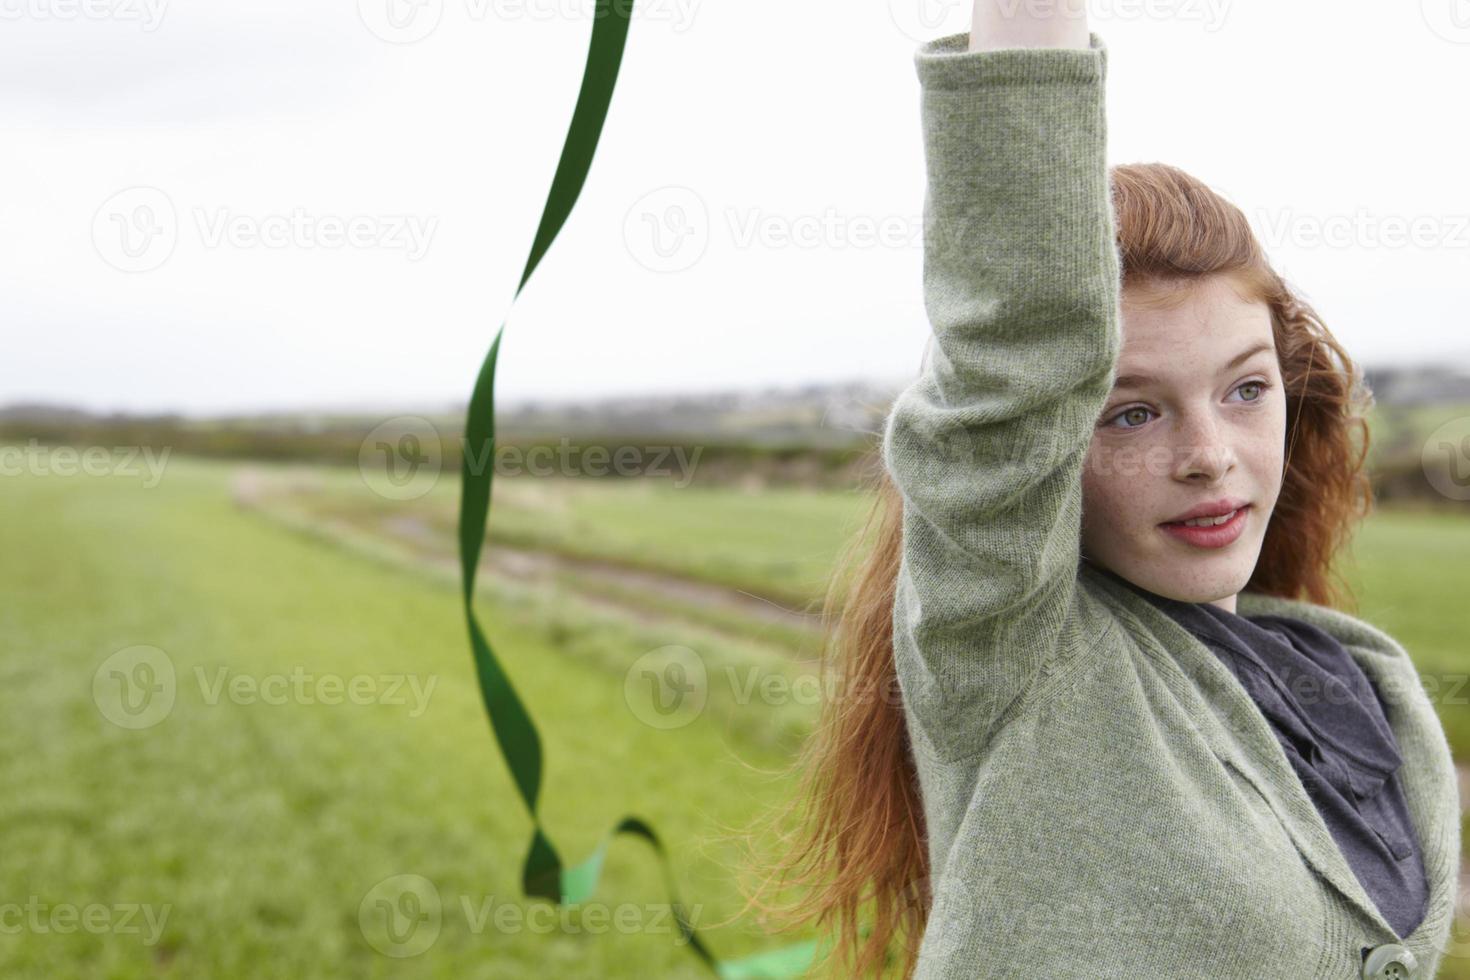 ragazza che gioca con il nastro foto